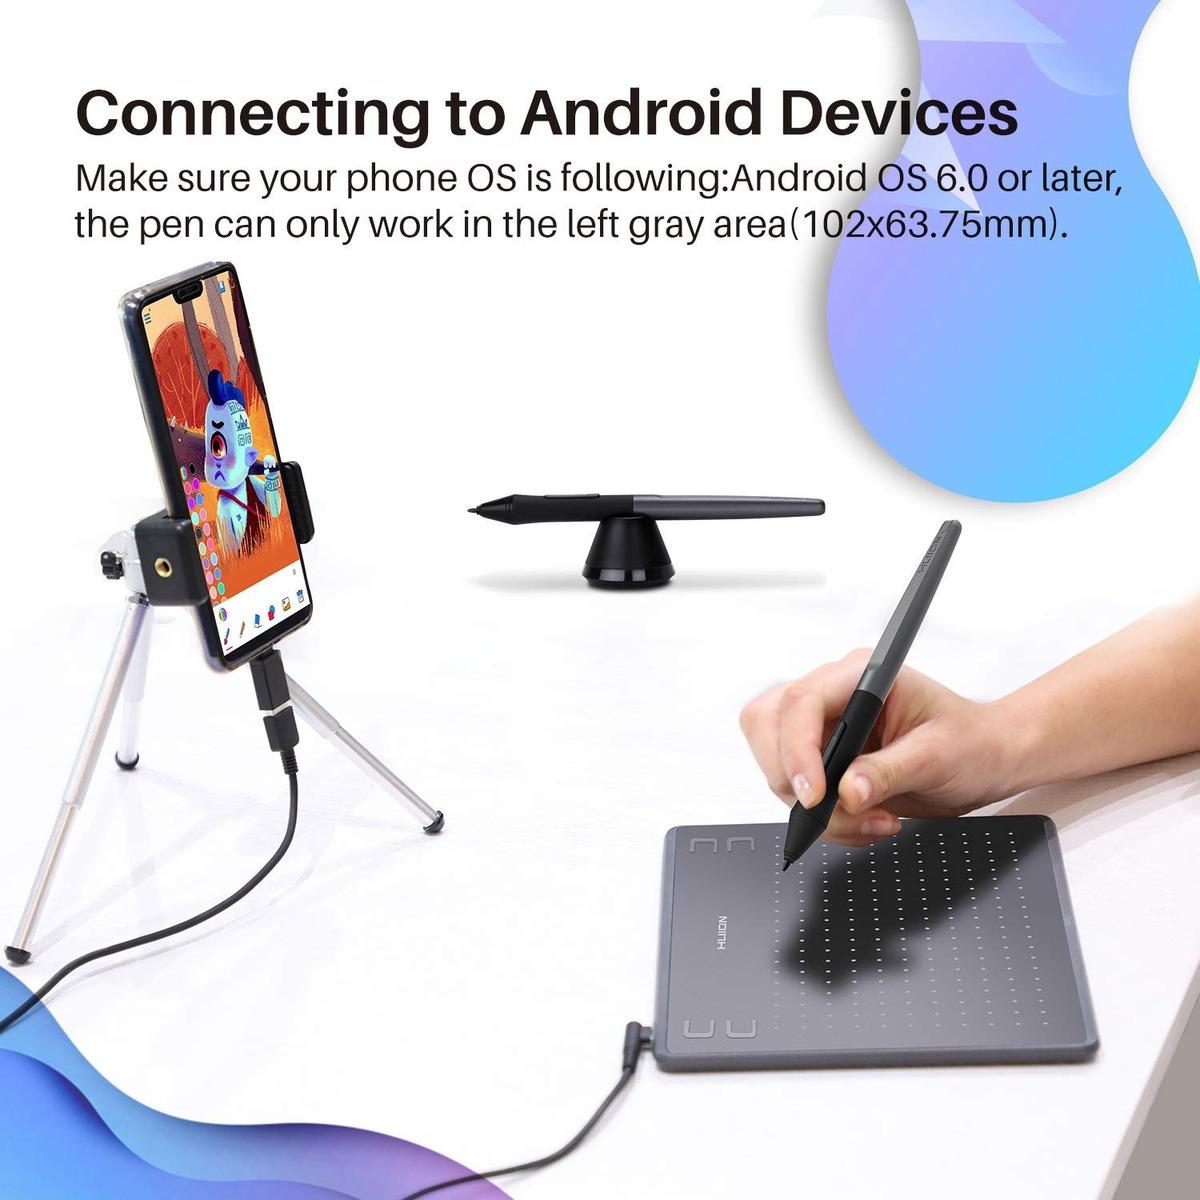 Huion Hs64 Gráficos Del Dibujo Tablet Dispositivos Android C